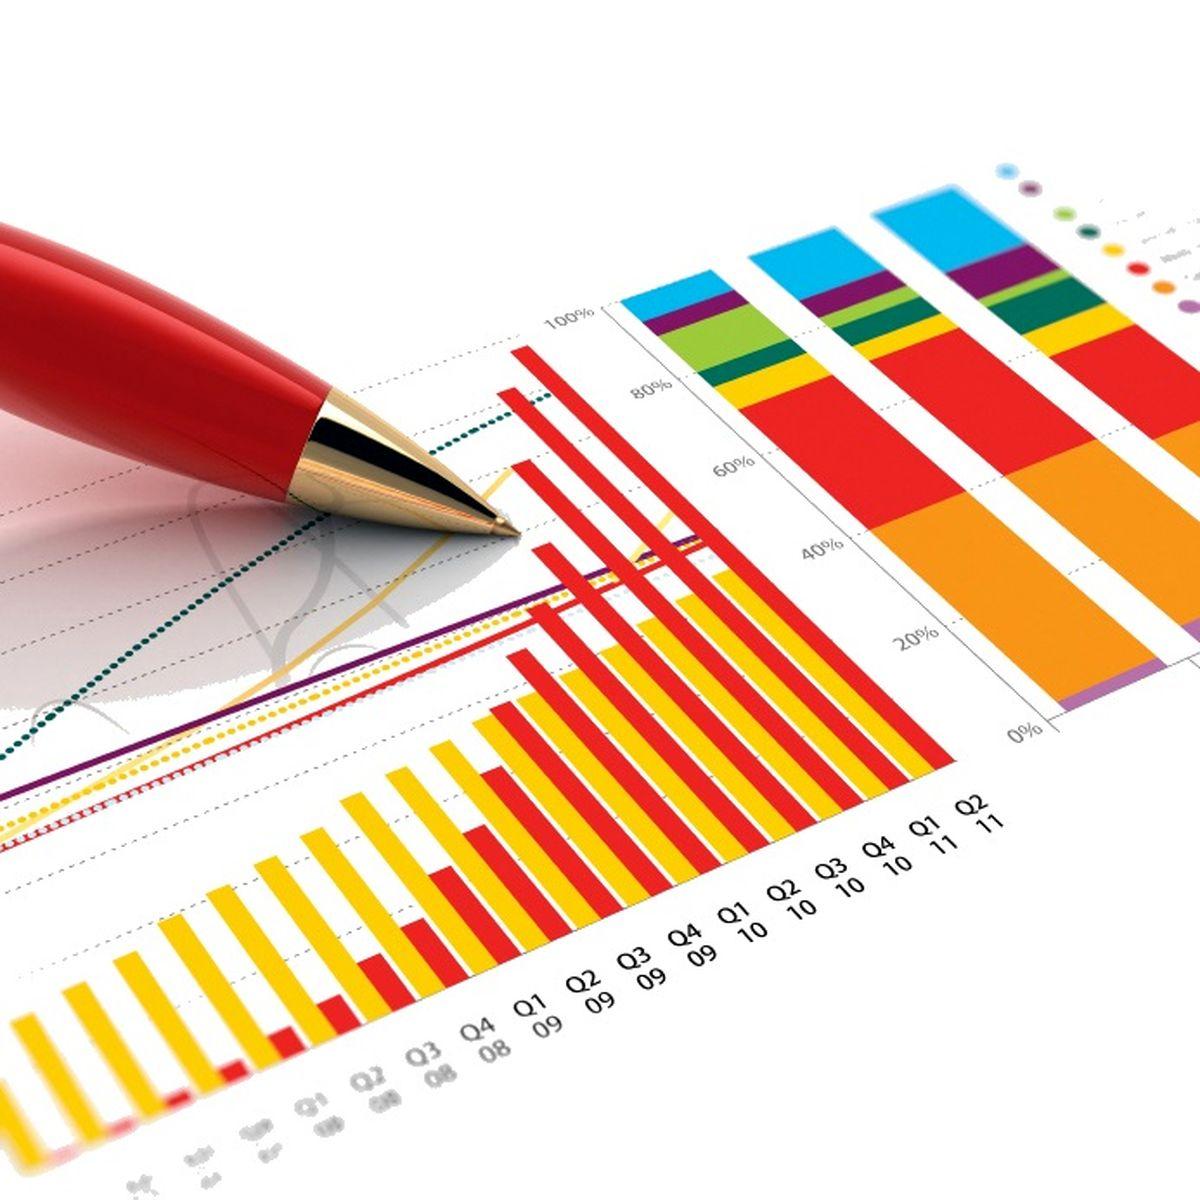 نرخ تورم تولیدکننده 35درصد افزایش یافت/ افزایش 25.5درصدی نرخ تورم خدمات